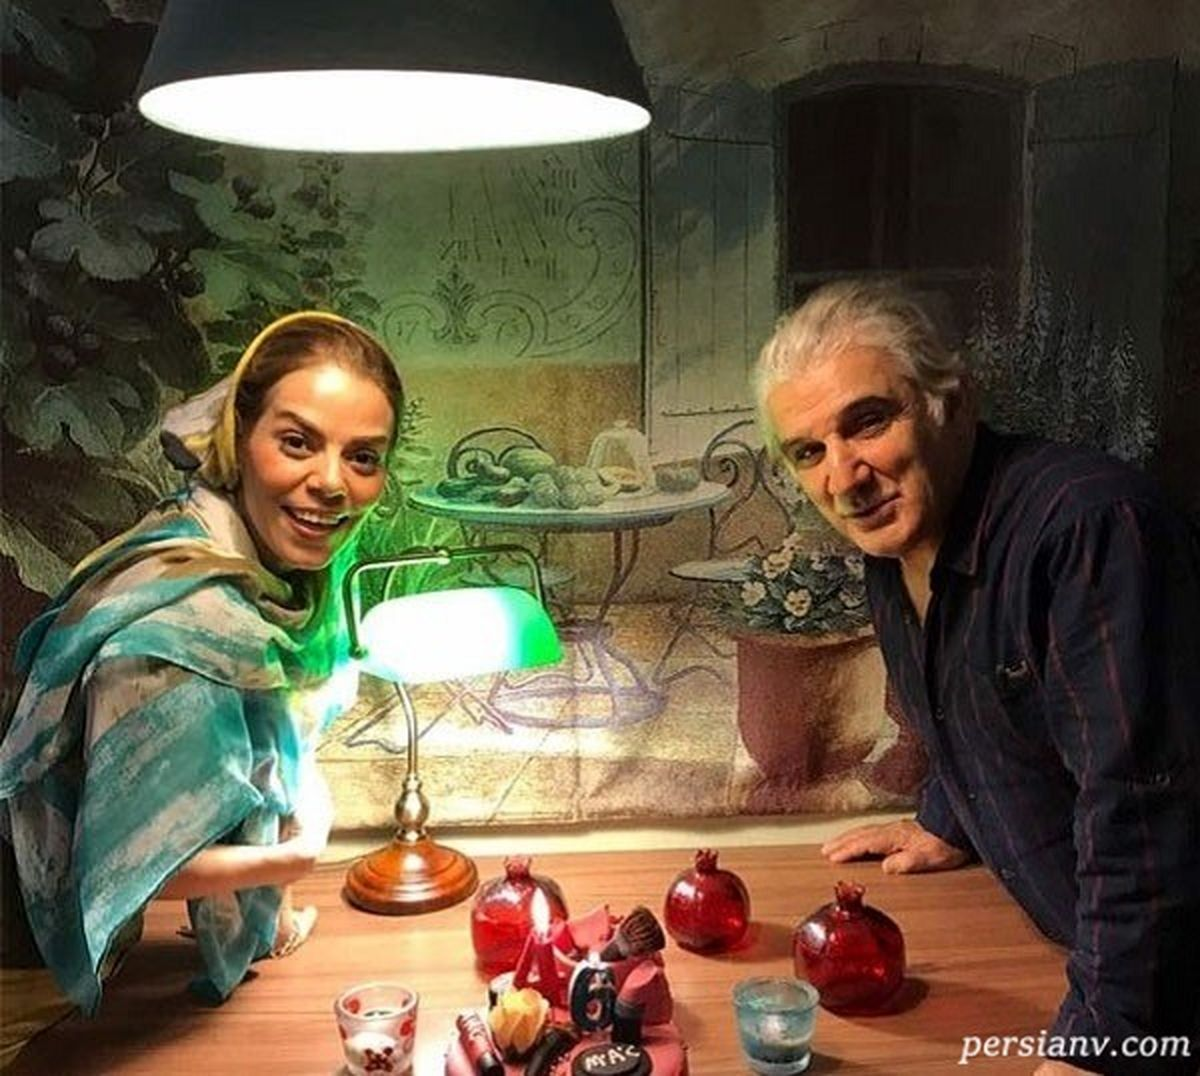 مهنوش صادقی: 20 سال از رابطهام با مهدی هاشمی میگذرد! +عکس